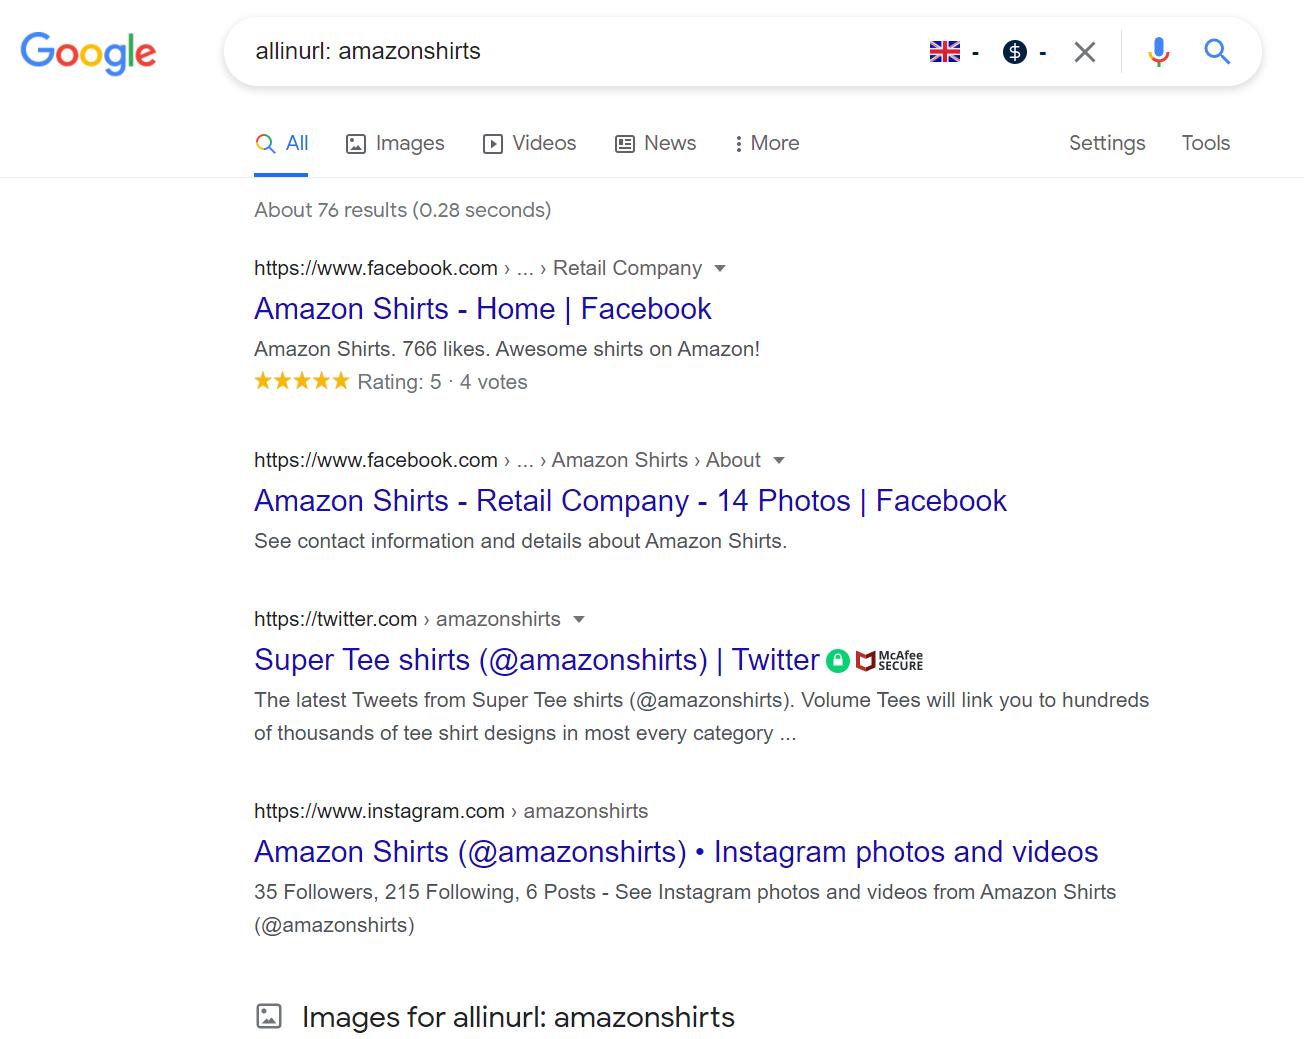 Allinurl search result